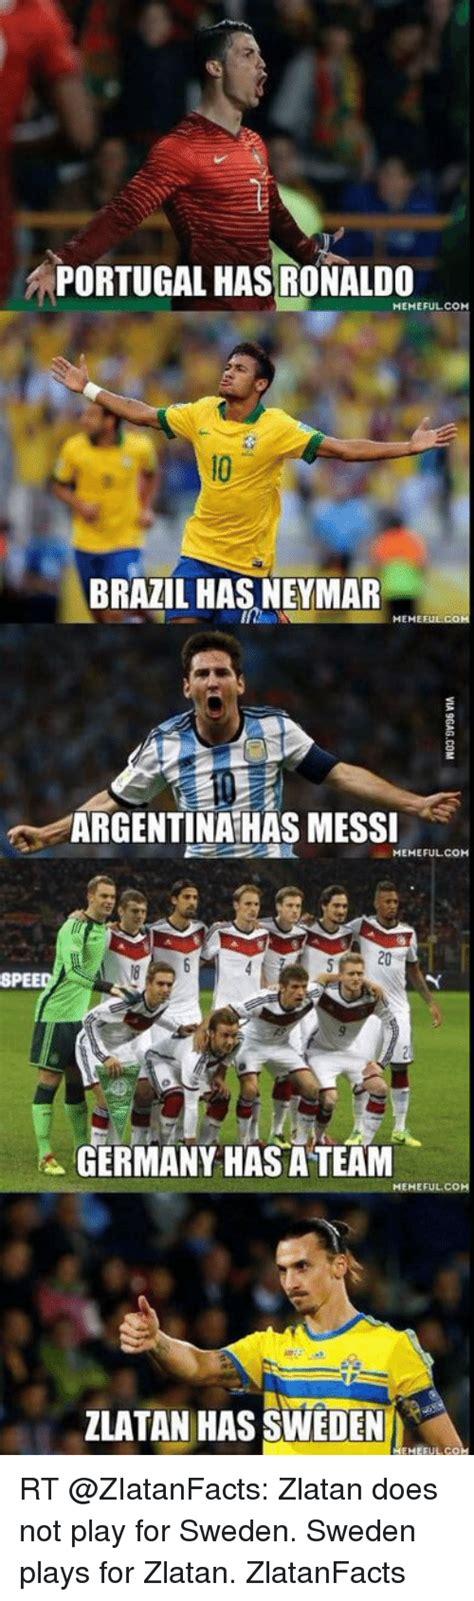 Brazil Soccer Meme - portugal has ronaldo meme fulcom brazil has neymar he